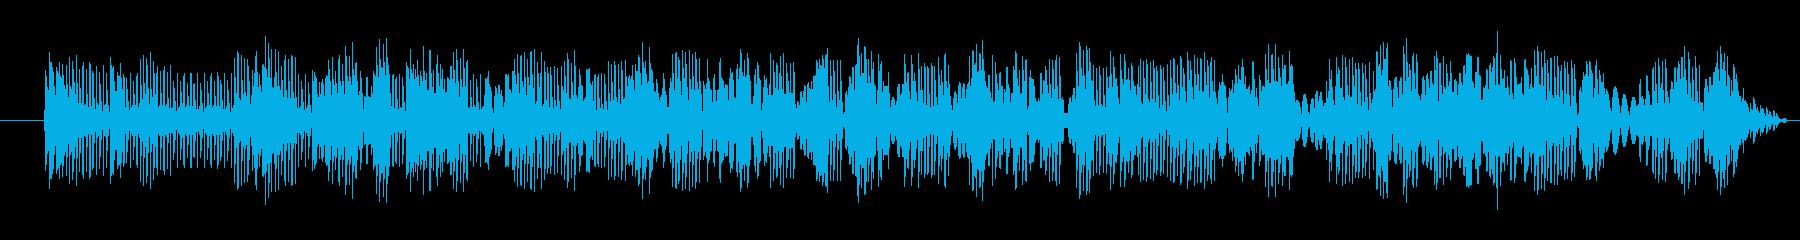 FX クレイジーサイエンティスト01の再生済みの波形